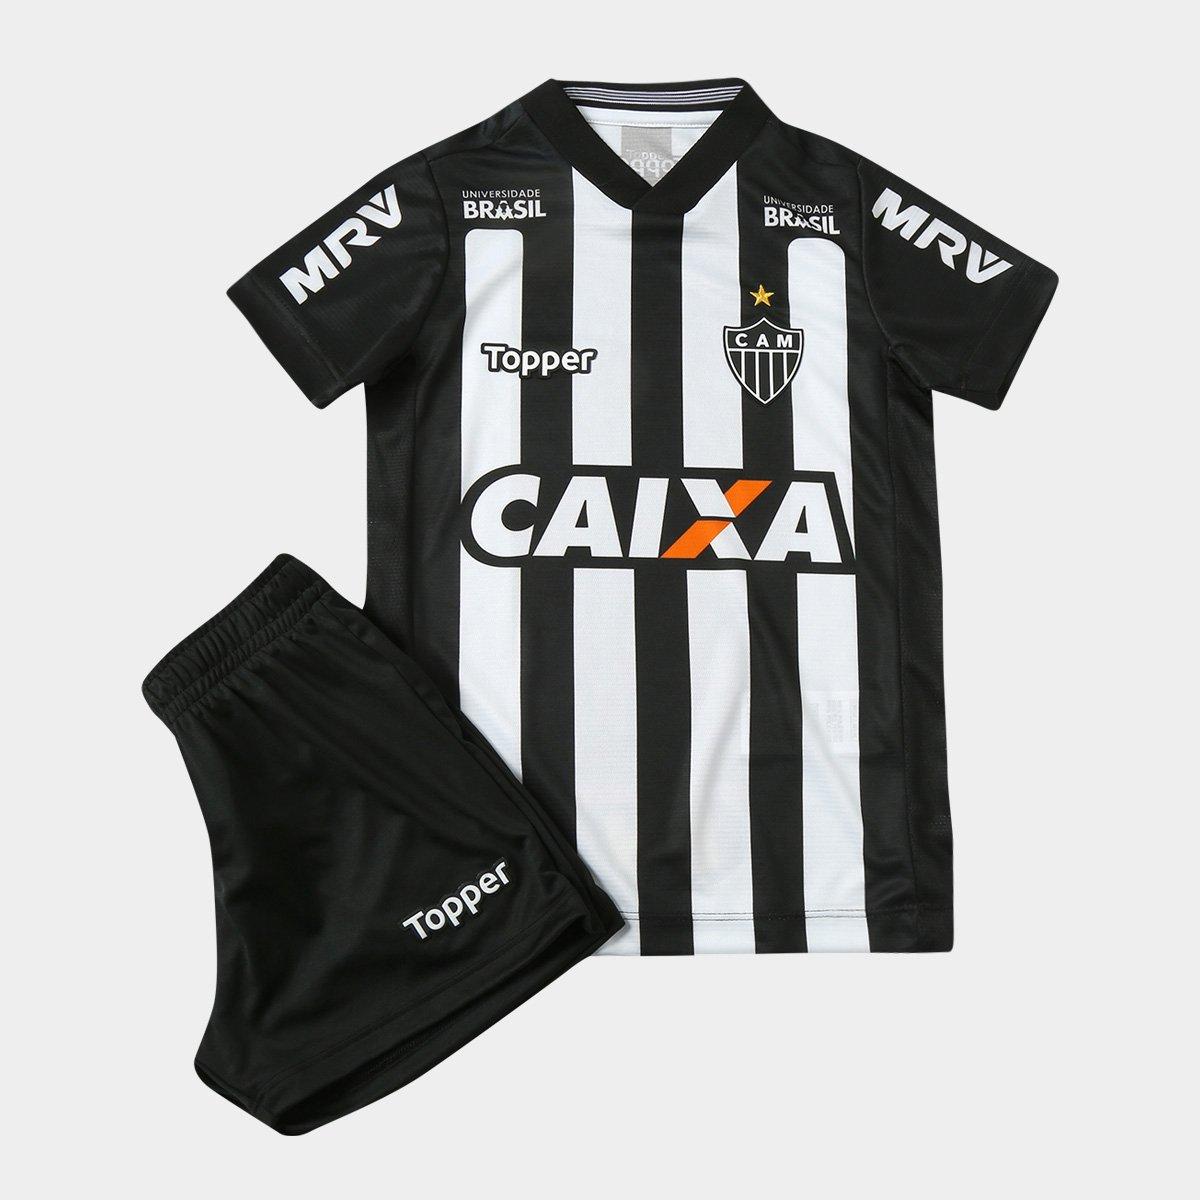 4502db687be6f Kit Infantil Atlético-MG I 2018 s n° Torcedor Topper - Compre Agora ...